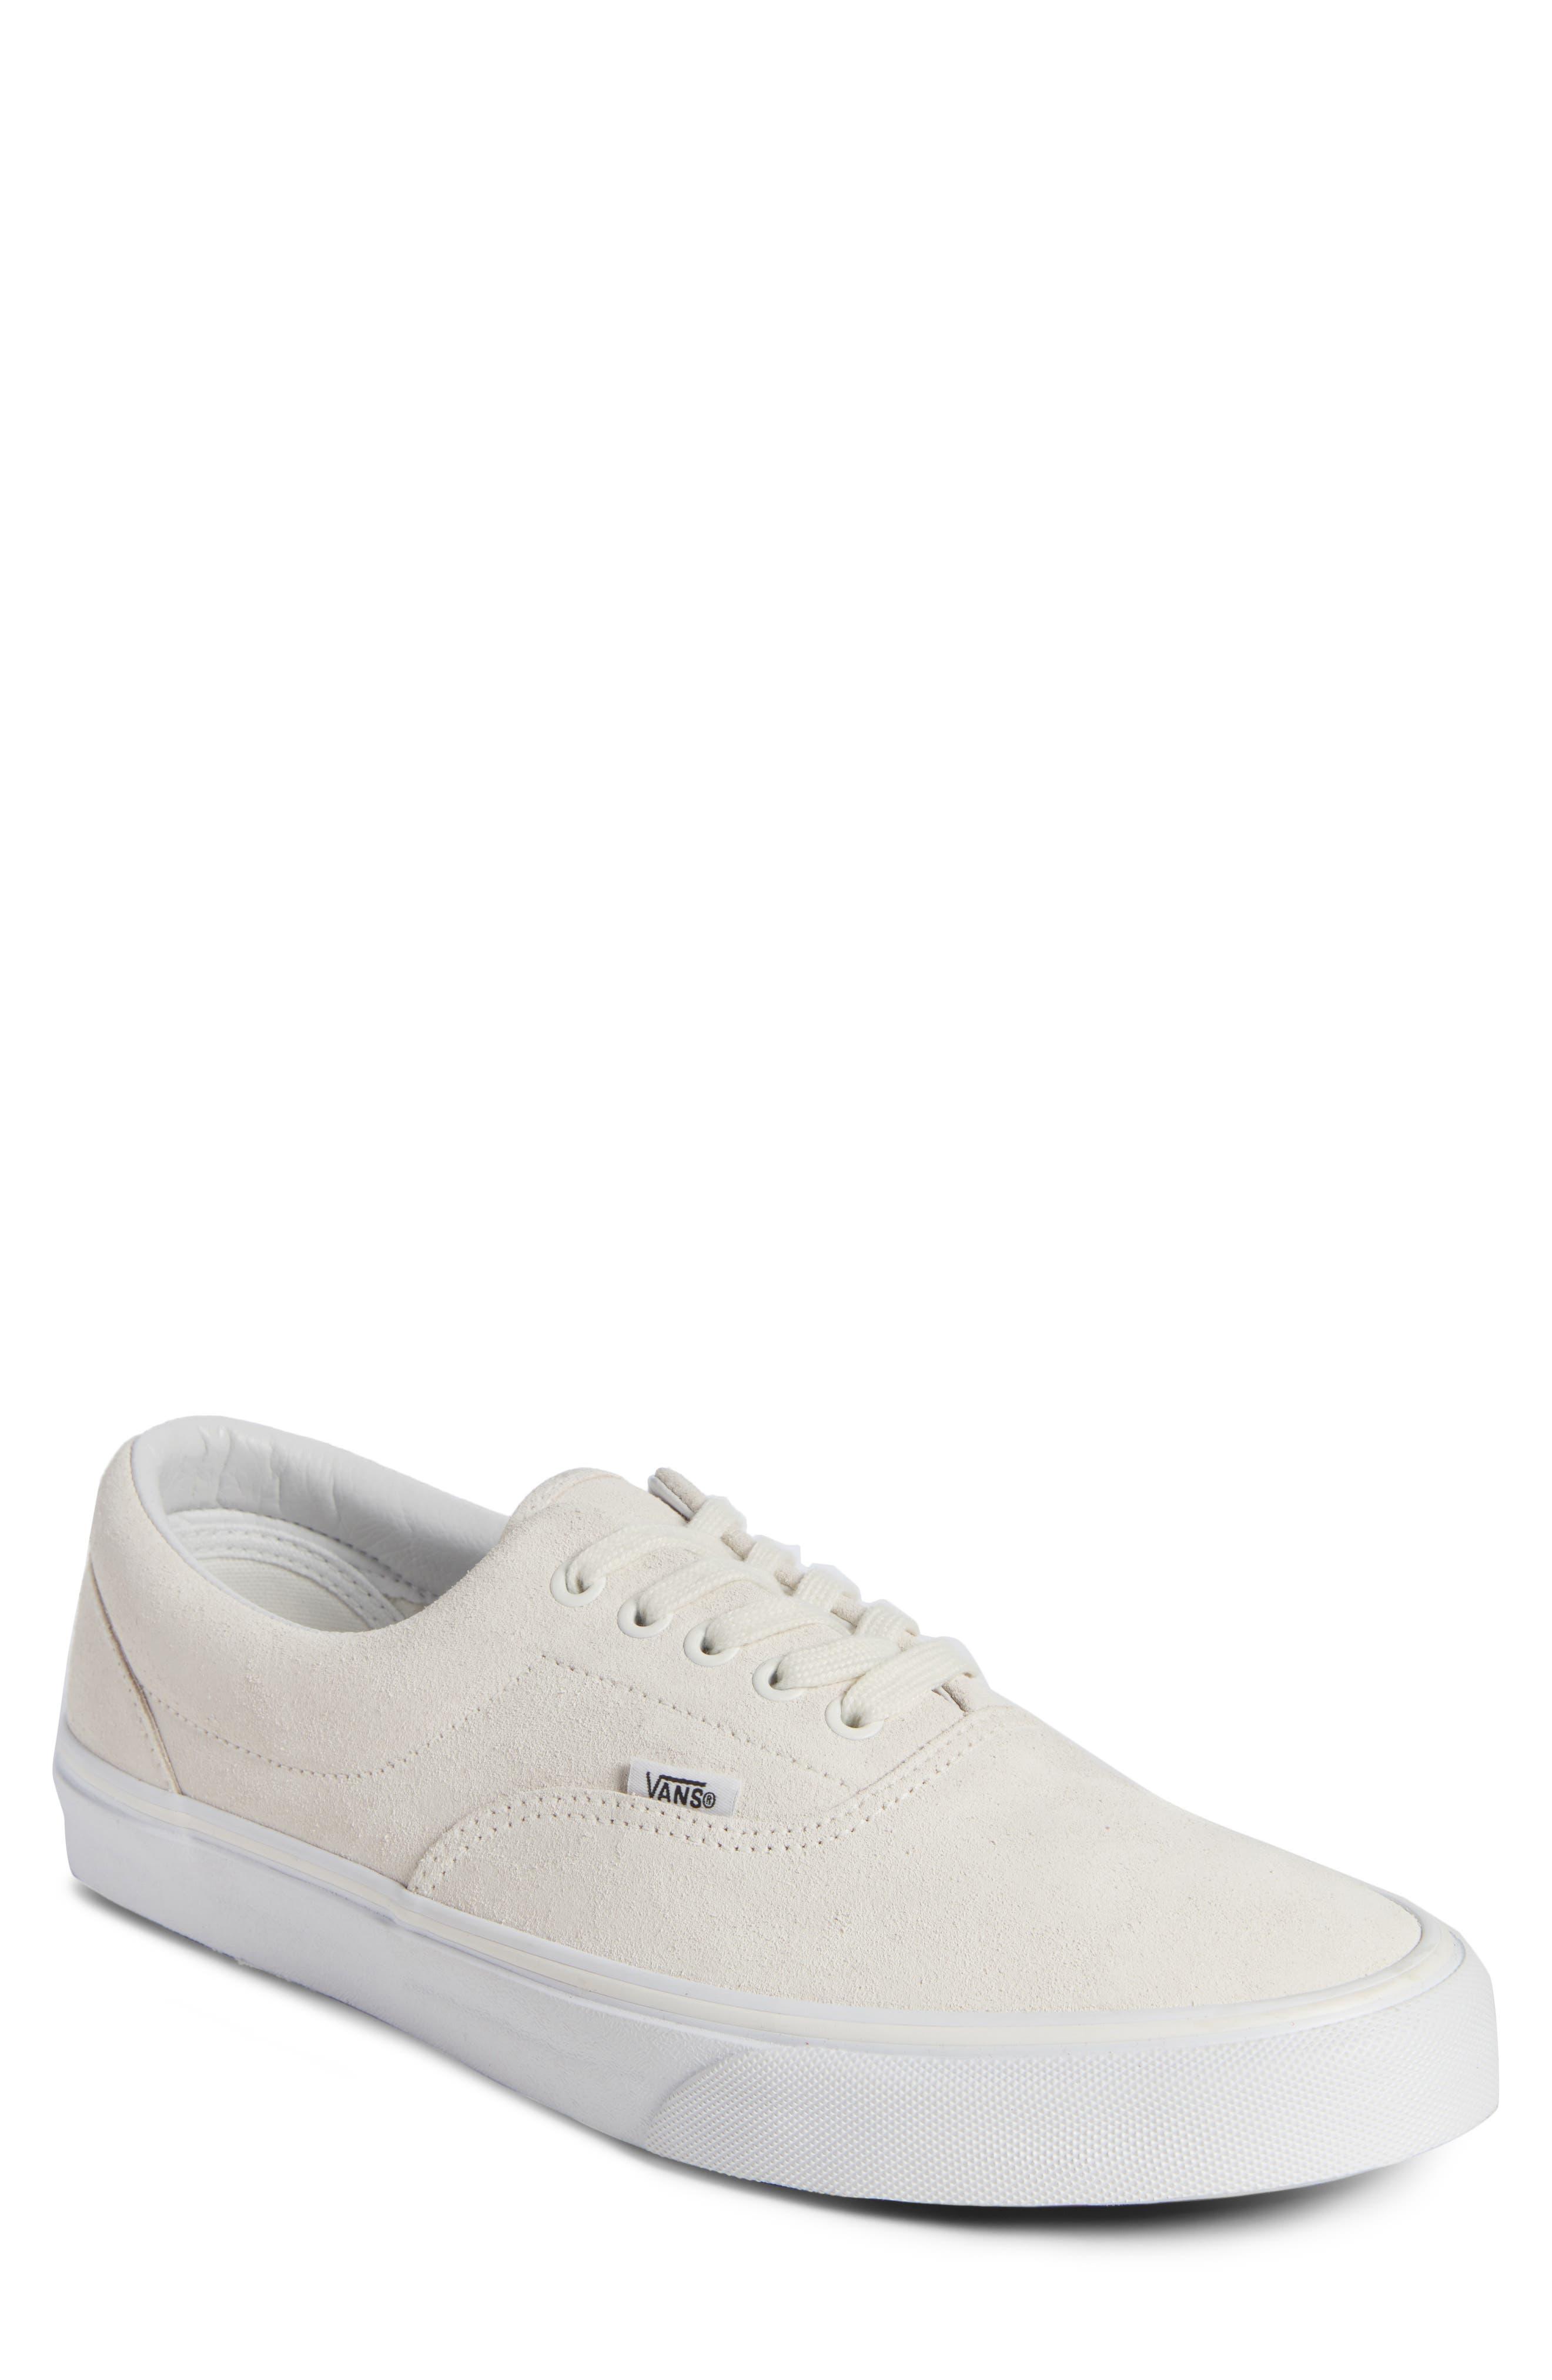 'Era' Sneaker,                         Main,                         color, BLANC SUEDE